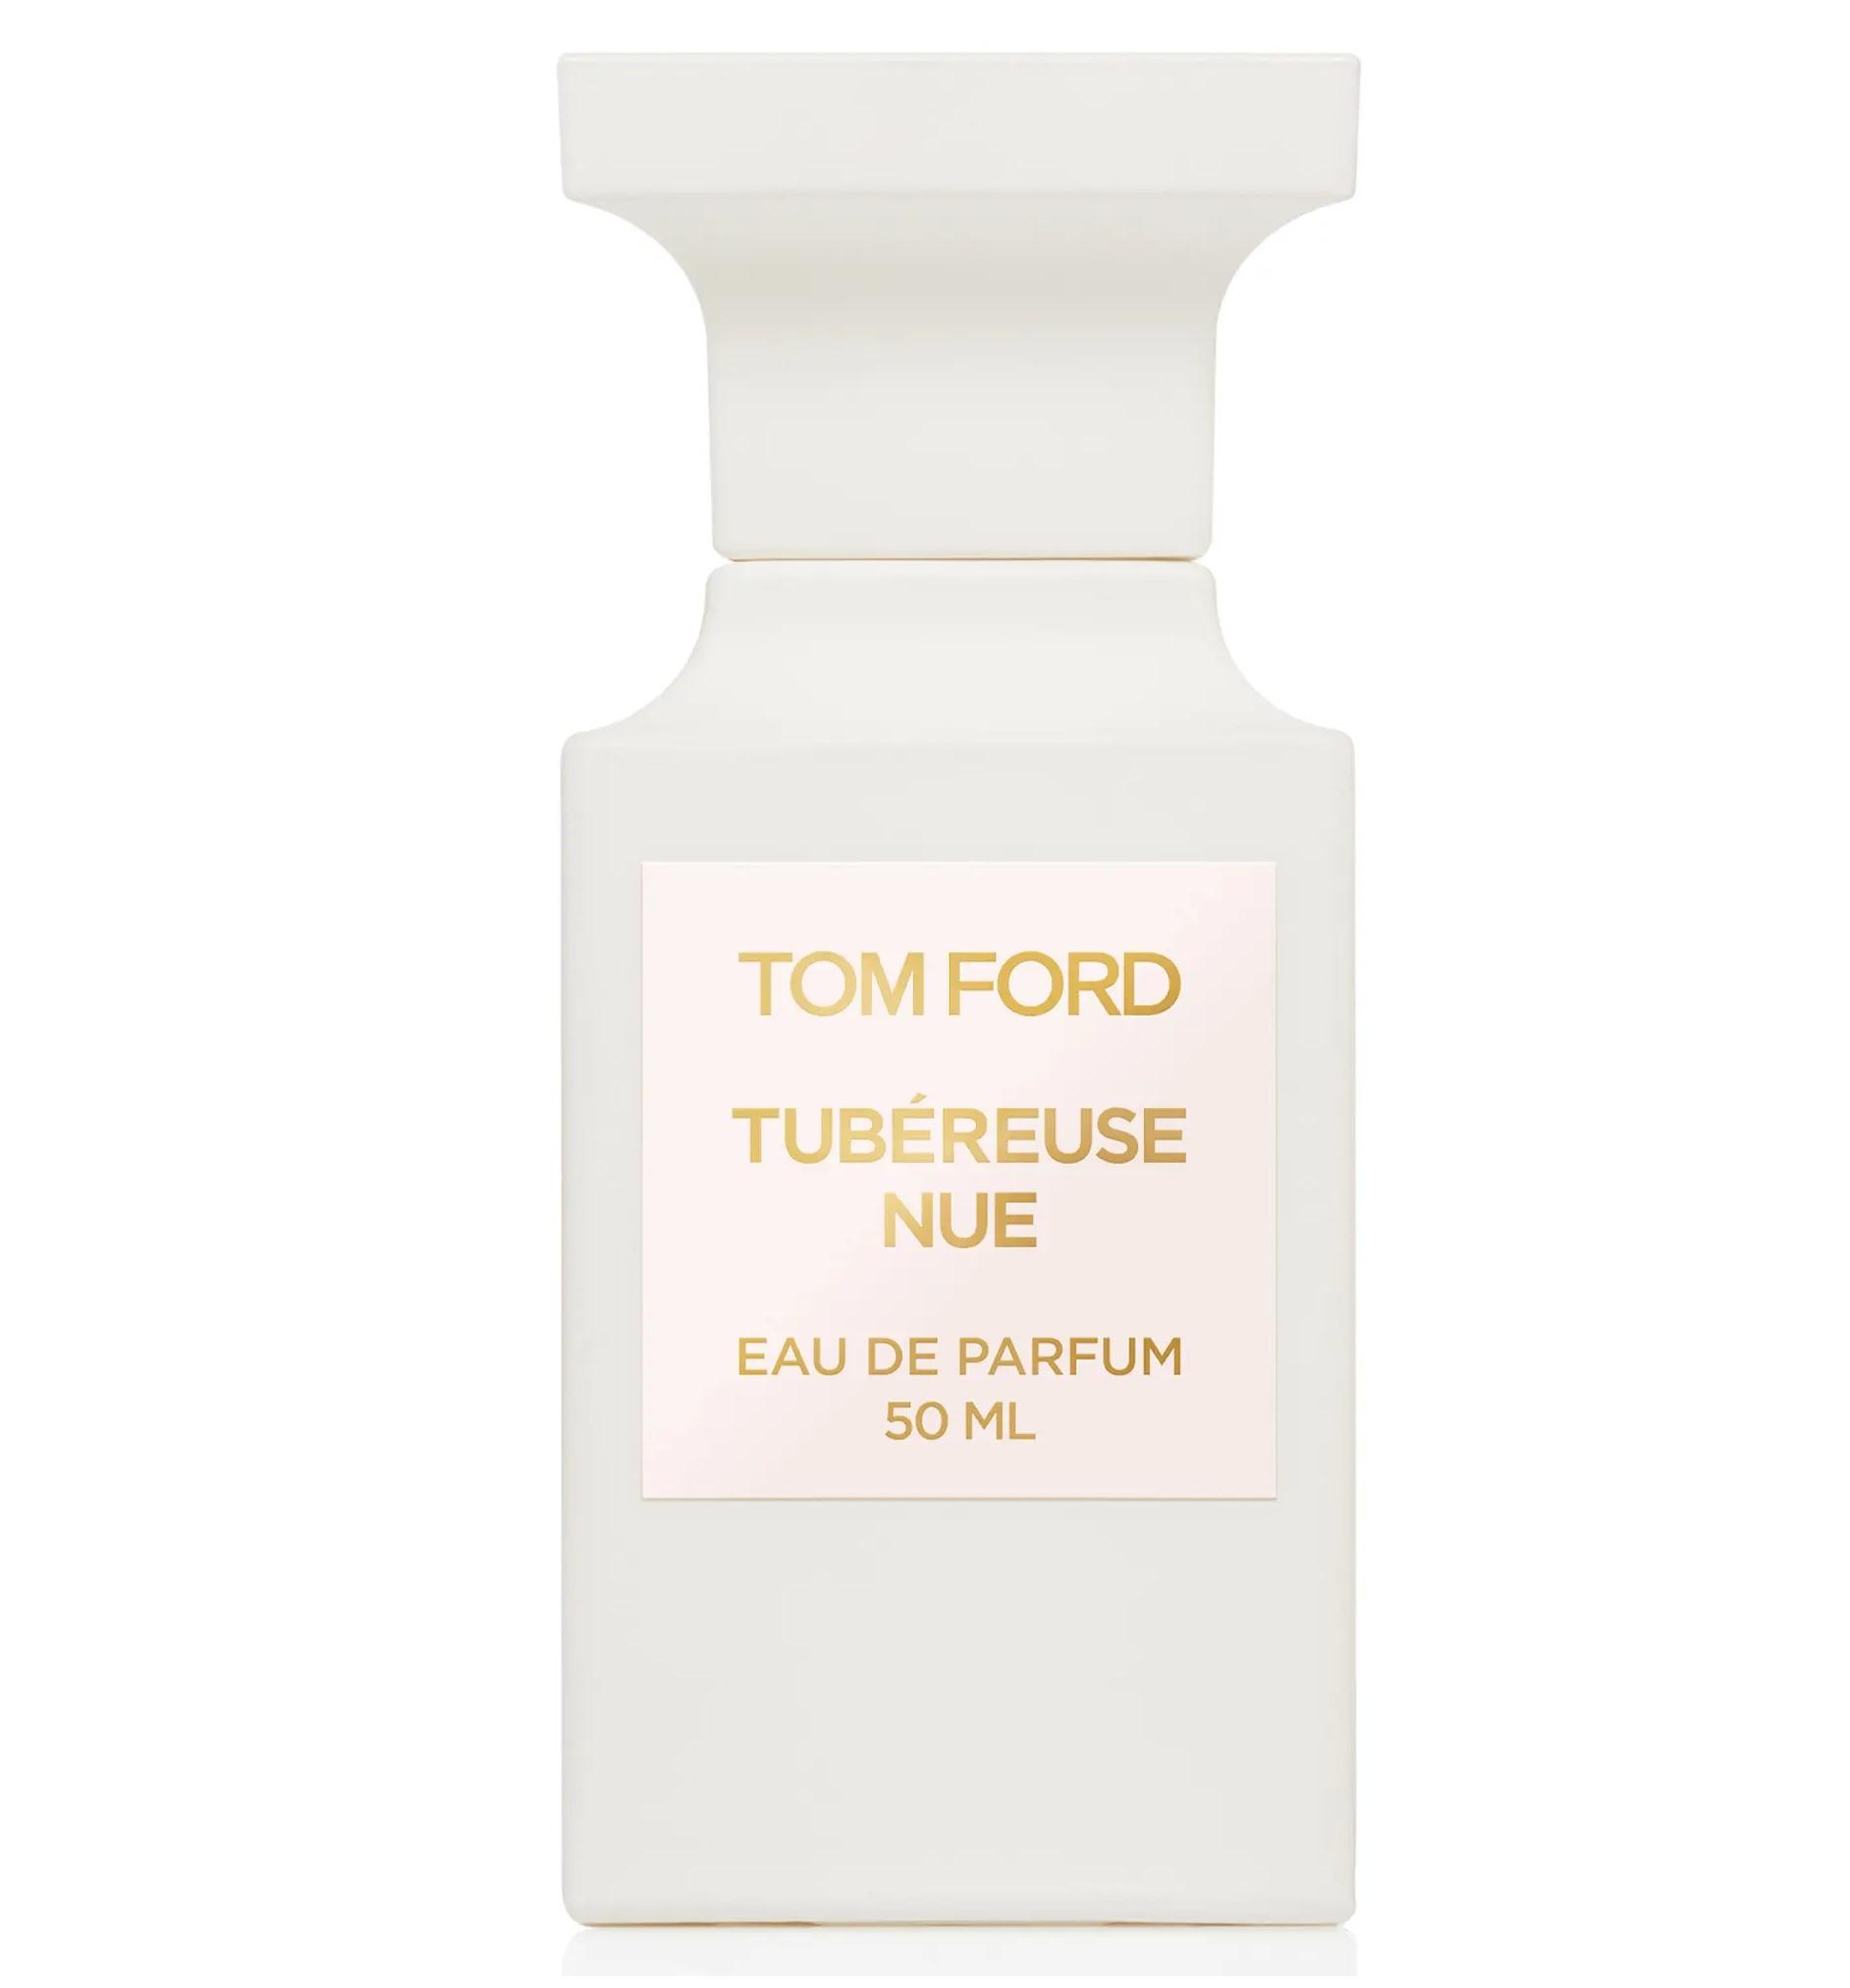 Tom Ford Tubereuse Nue New Fragrances